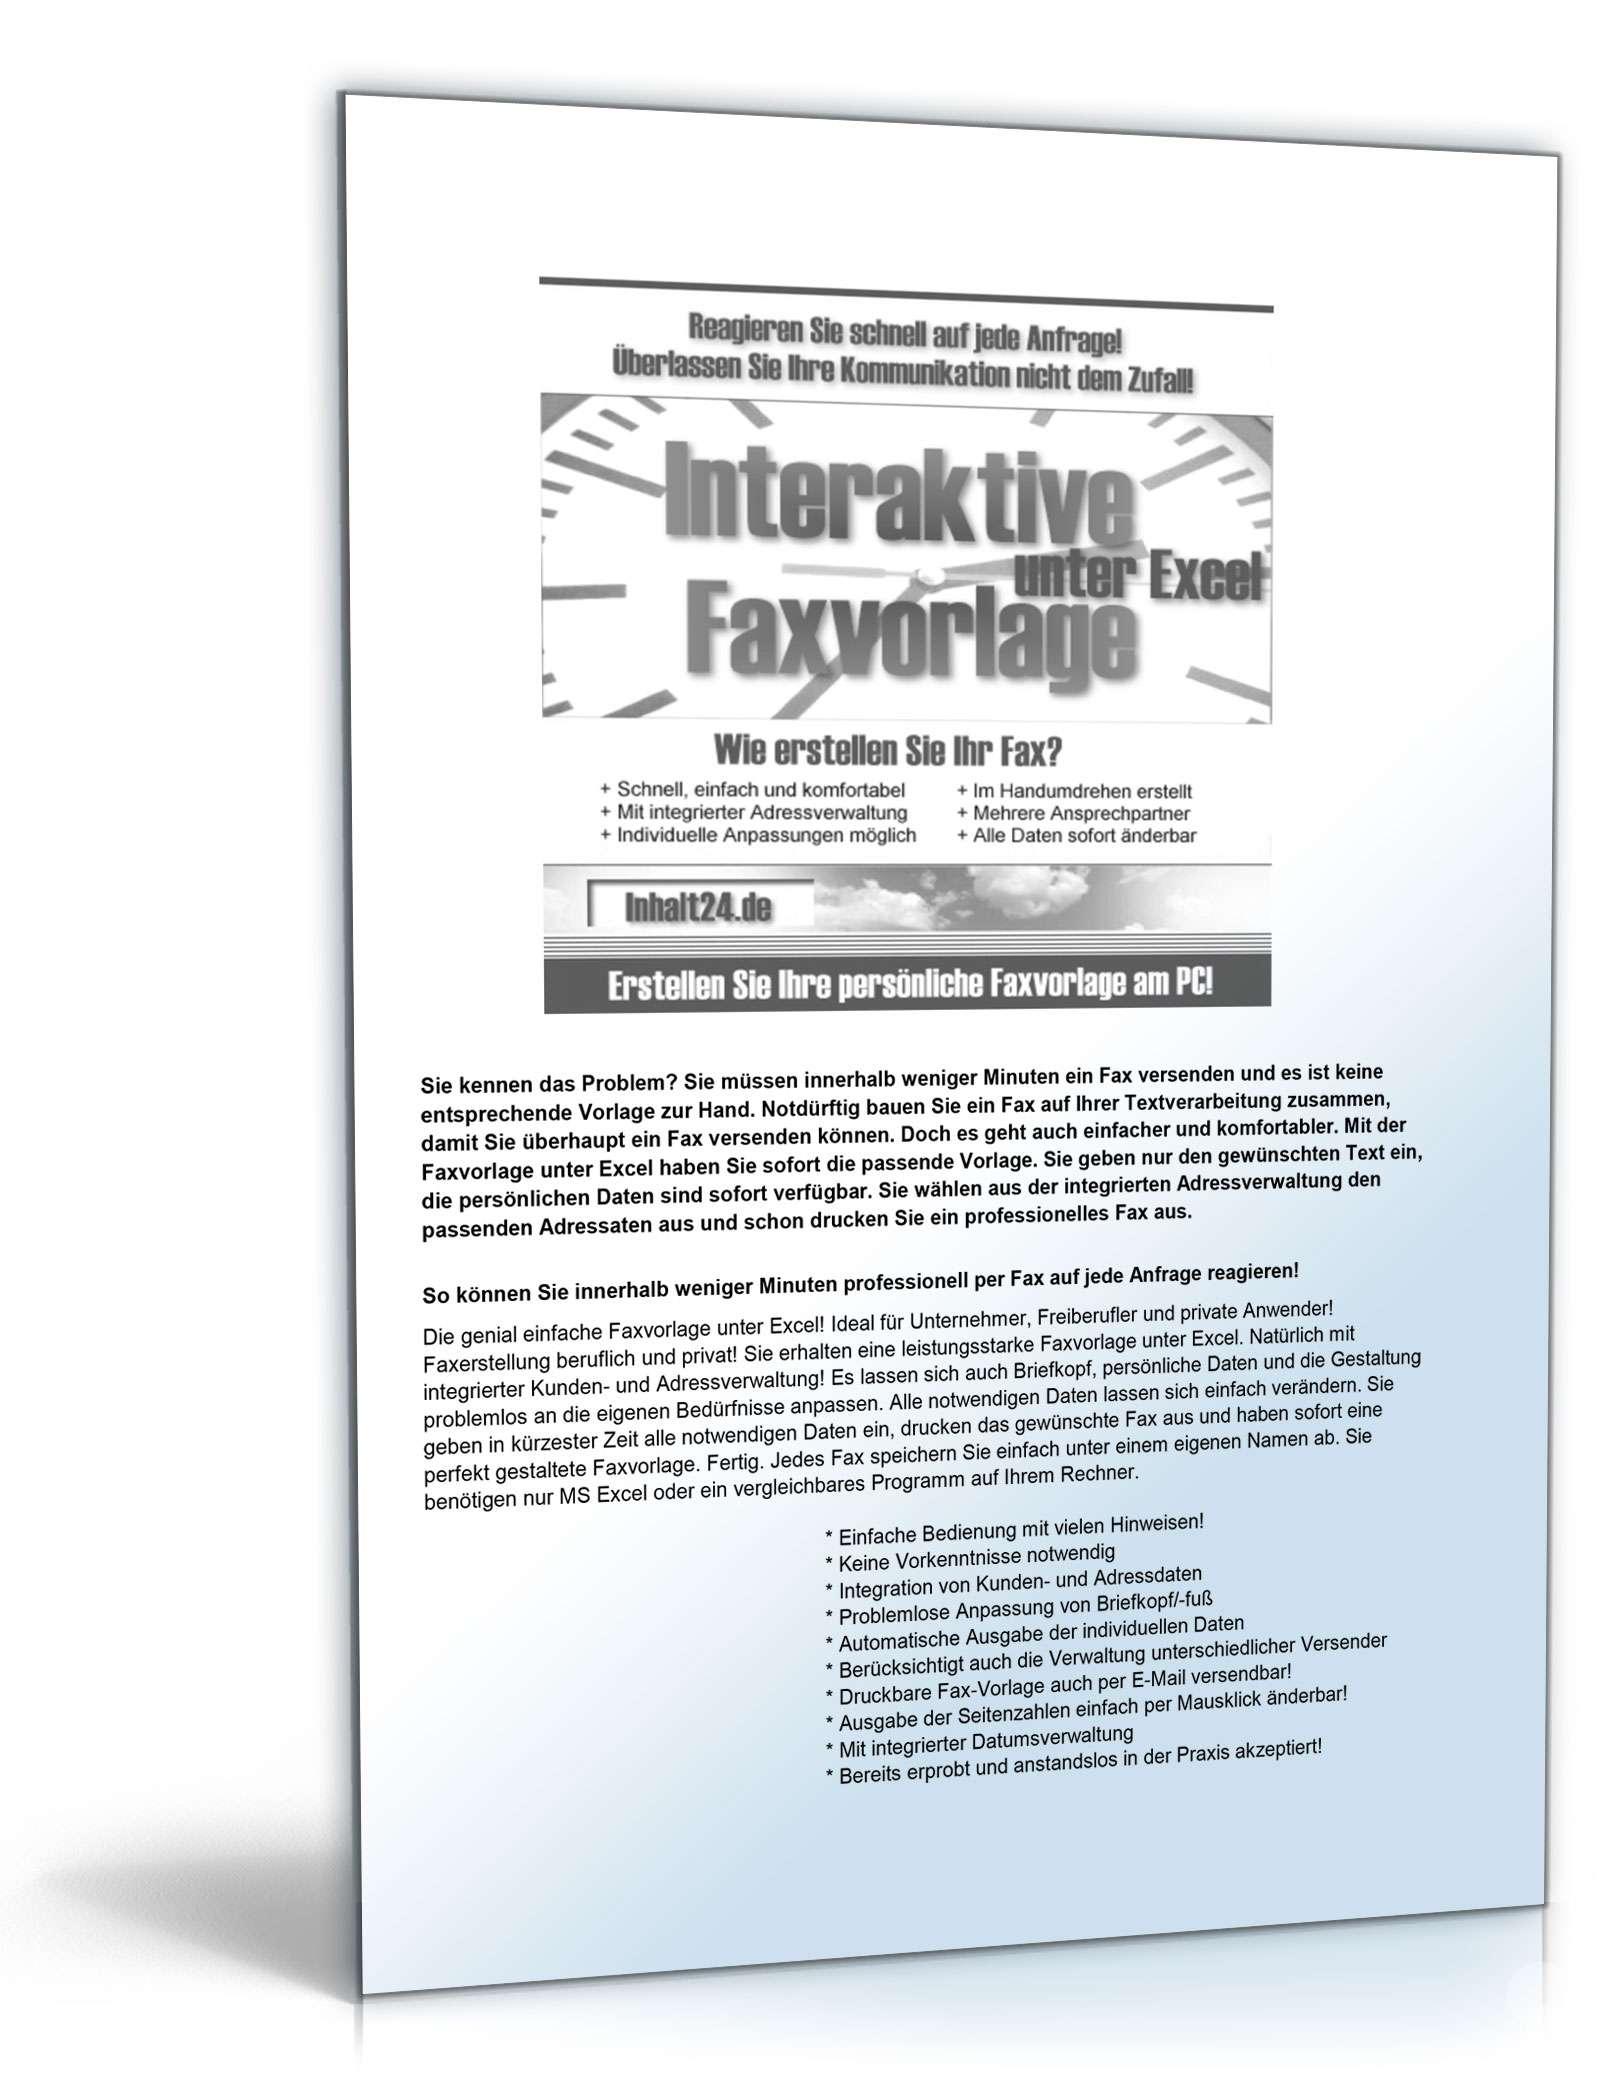 Faxvorlage unter Excel | Muster zum Download